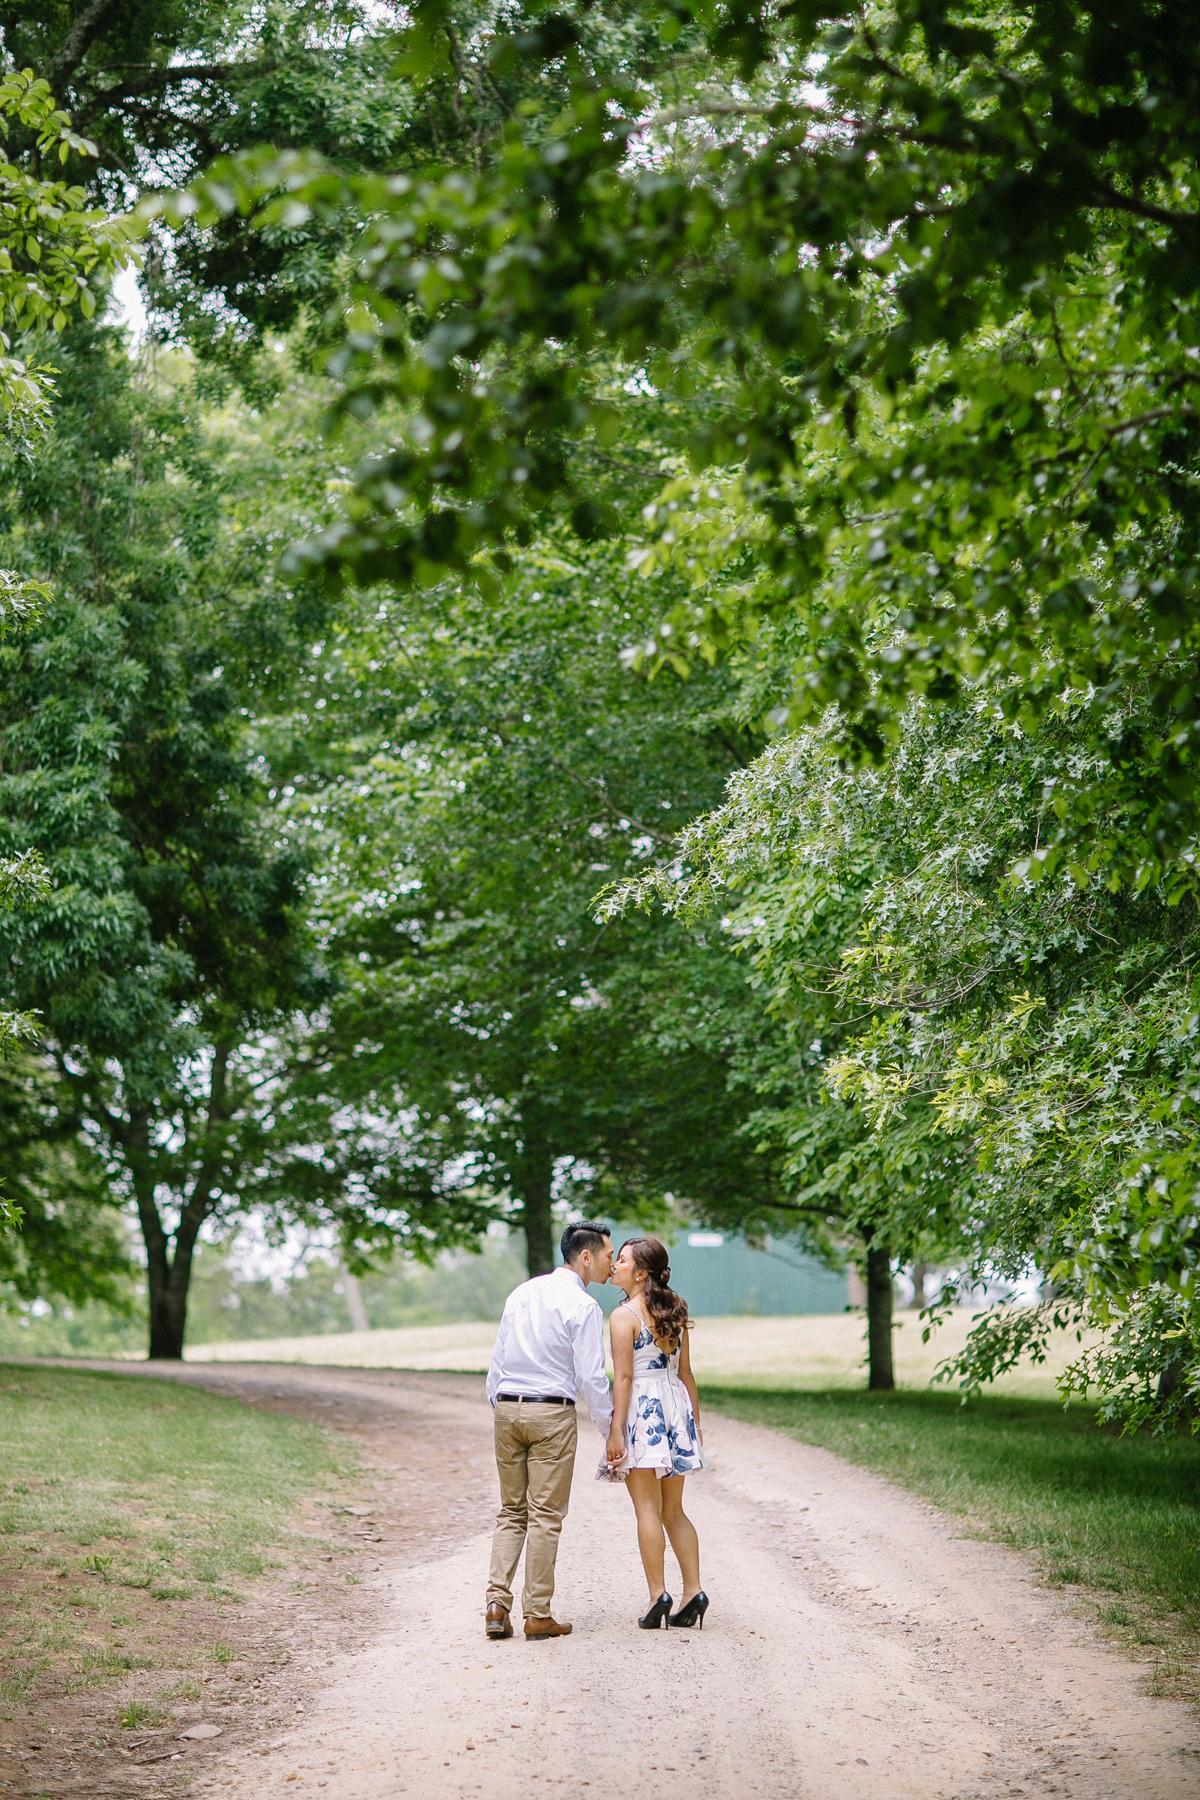 003-vanessa-louis-milton-park-bowral-engagement-